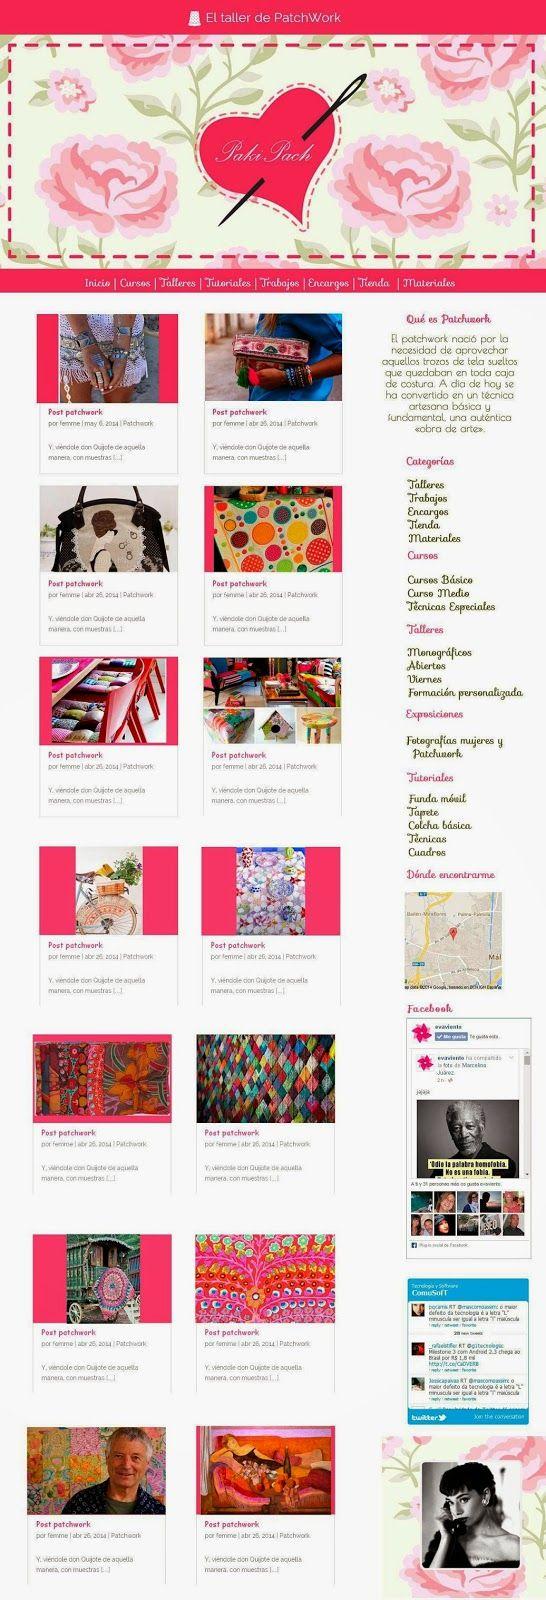 Ejemplo Diseño Blog ,Artesanos, Patchwork | Femme Fatale